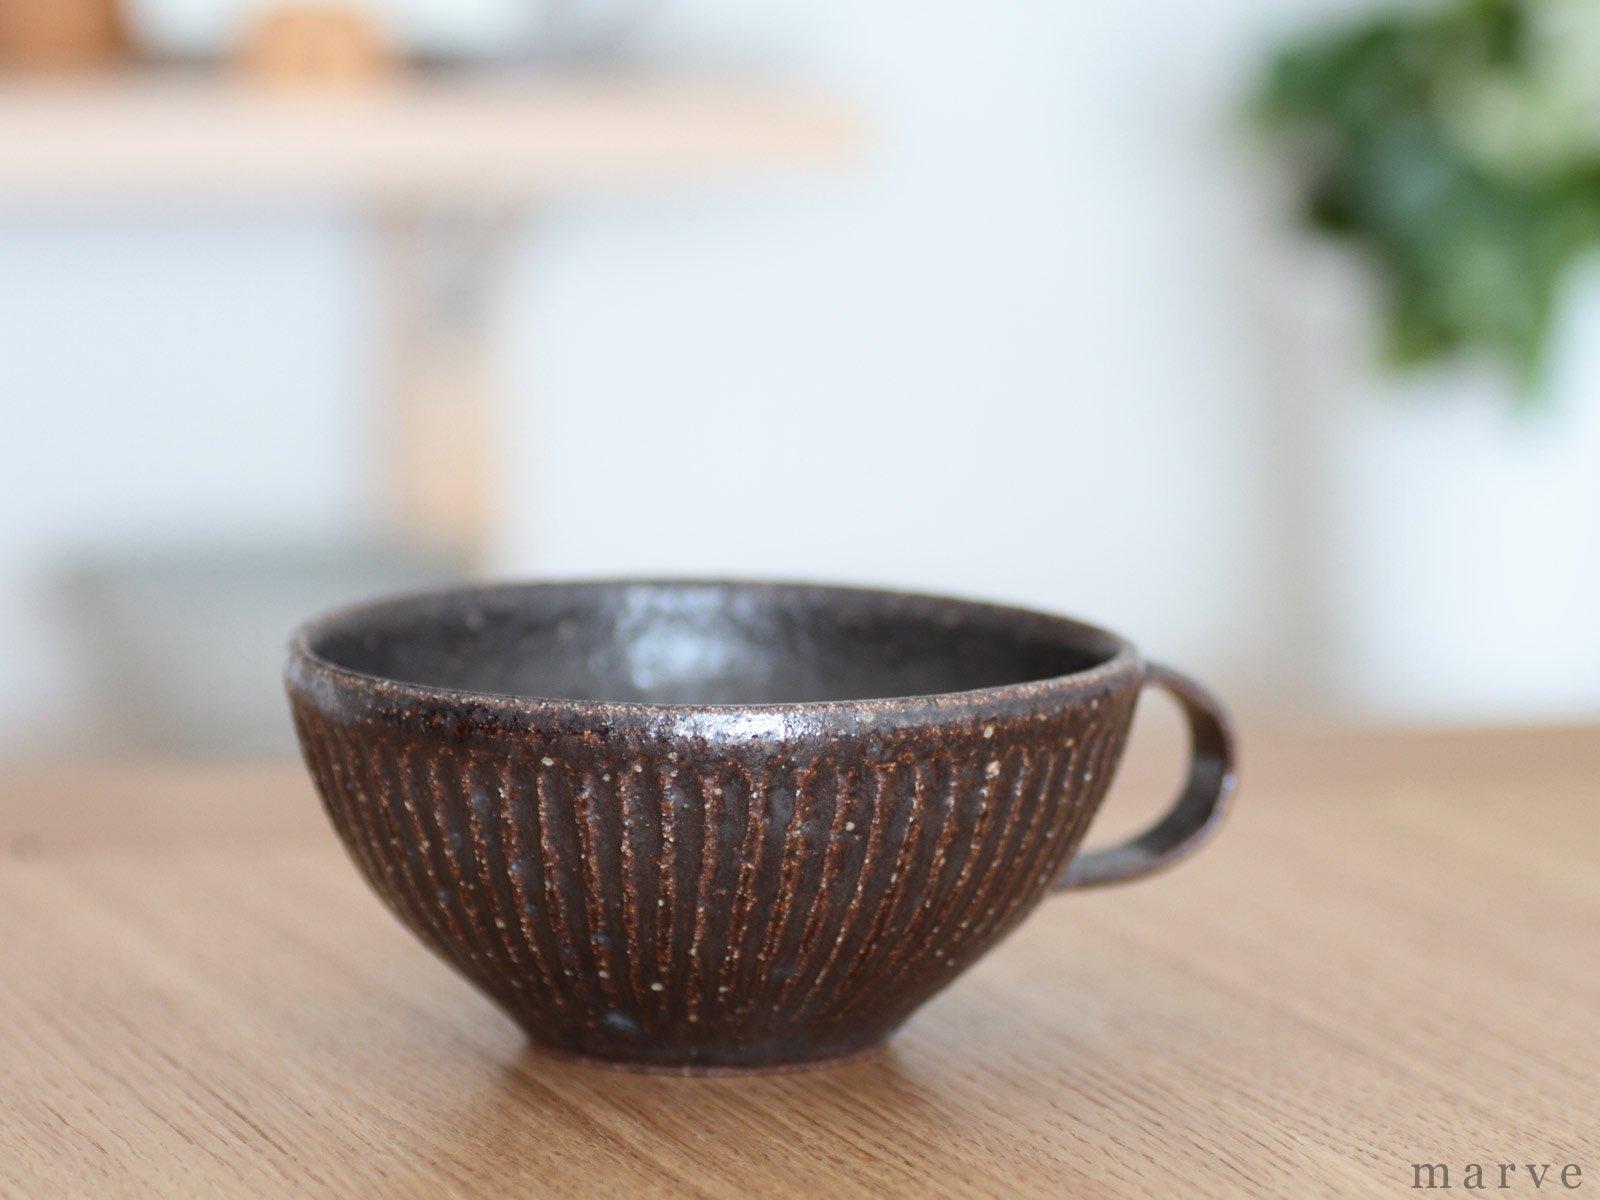 伊藤豊 鎬(シノギ) スープカップ 黒